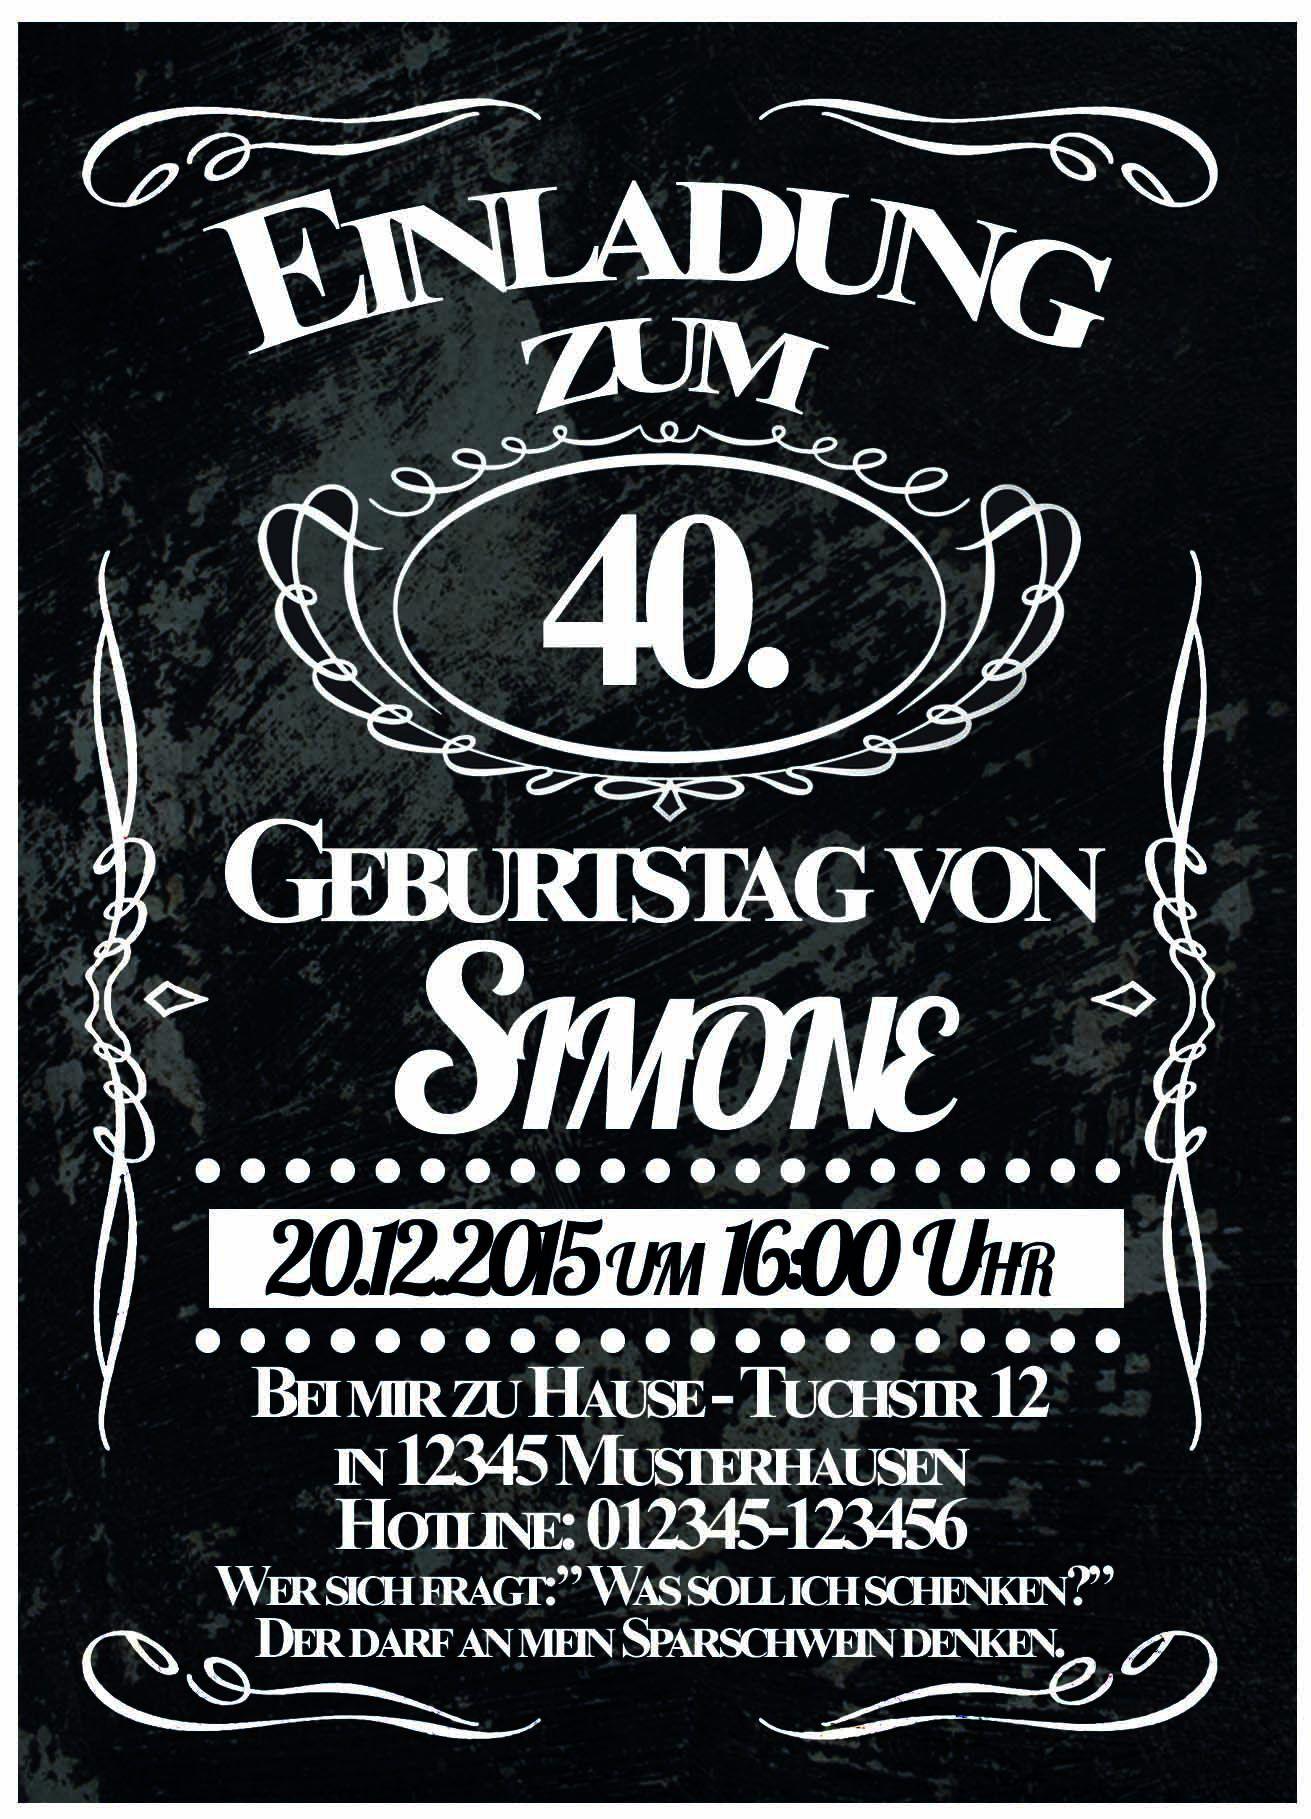 The Wonderful Einladung Zum 40 Geburtstag